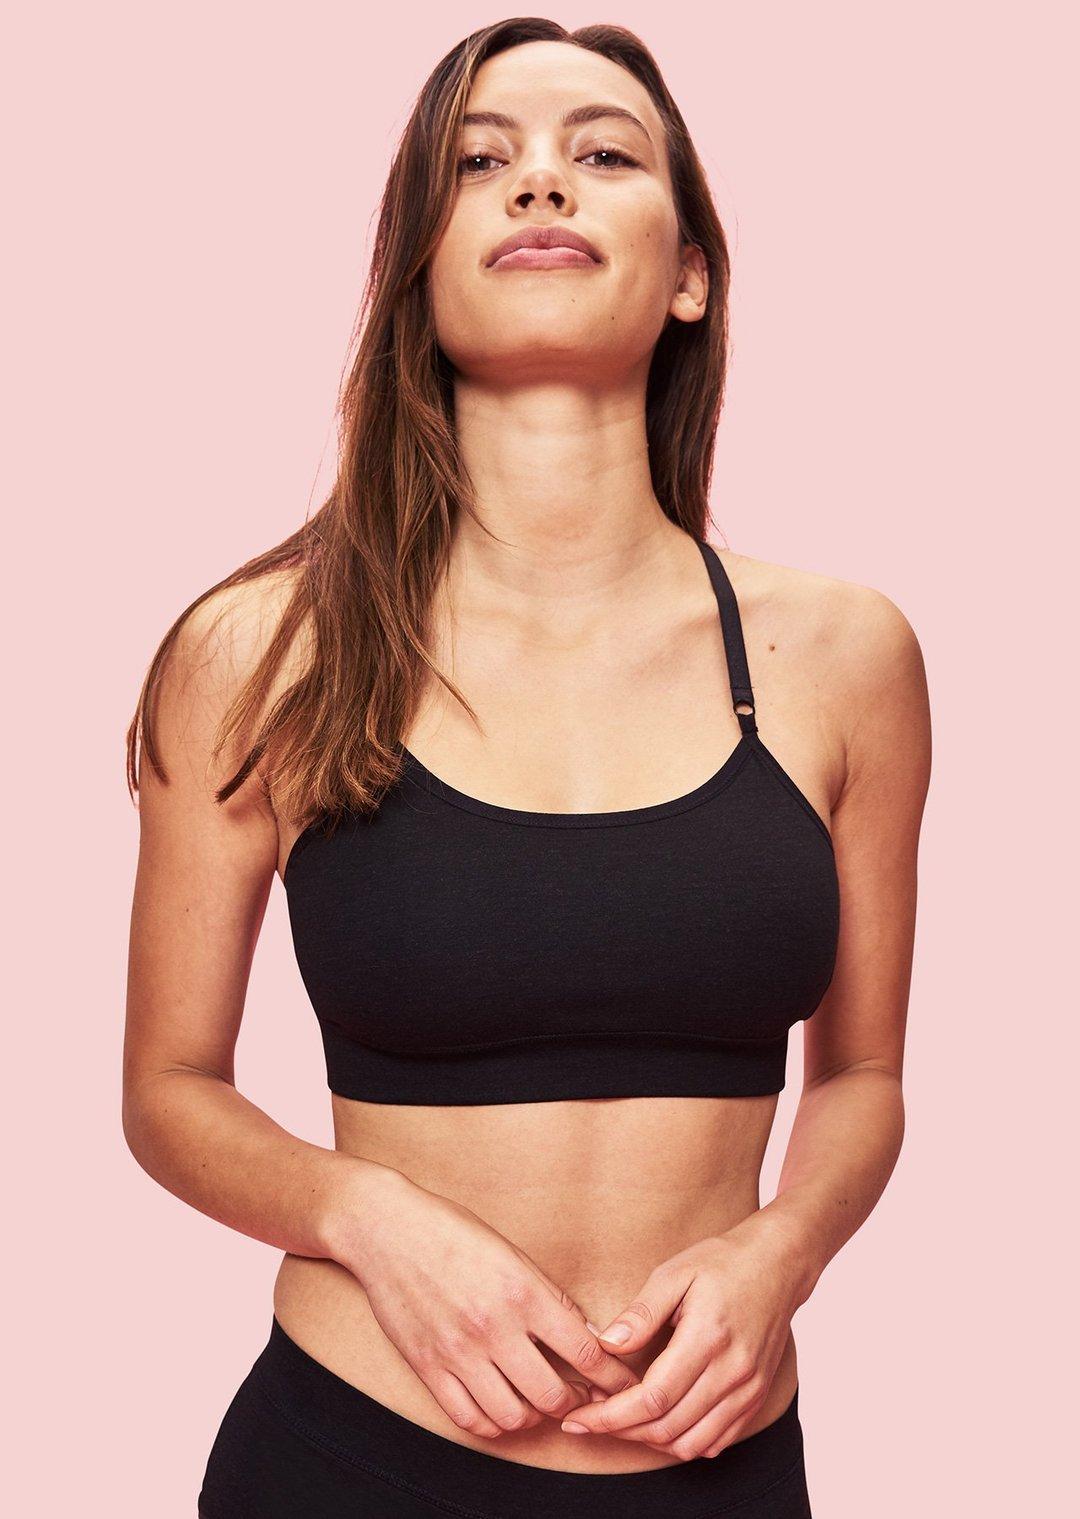 lingerie sous vêtement coton biologique écologique et éthique organic basics #lingerie #organic #biologique #cotonbio #modeethique #sustainablefashion #ethicalfashion #écologie